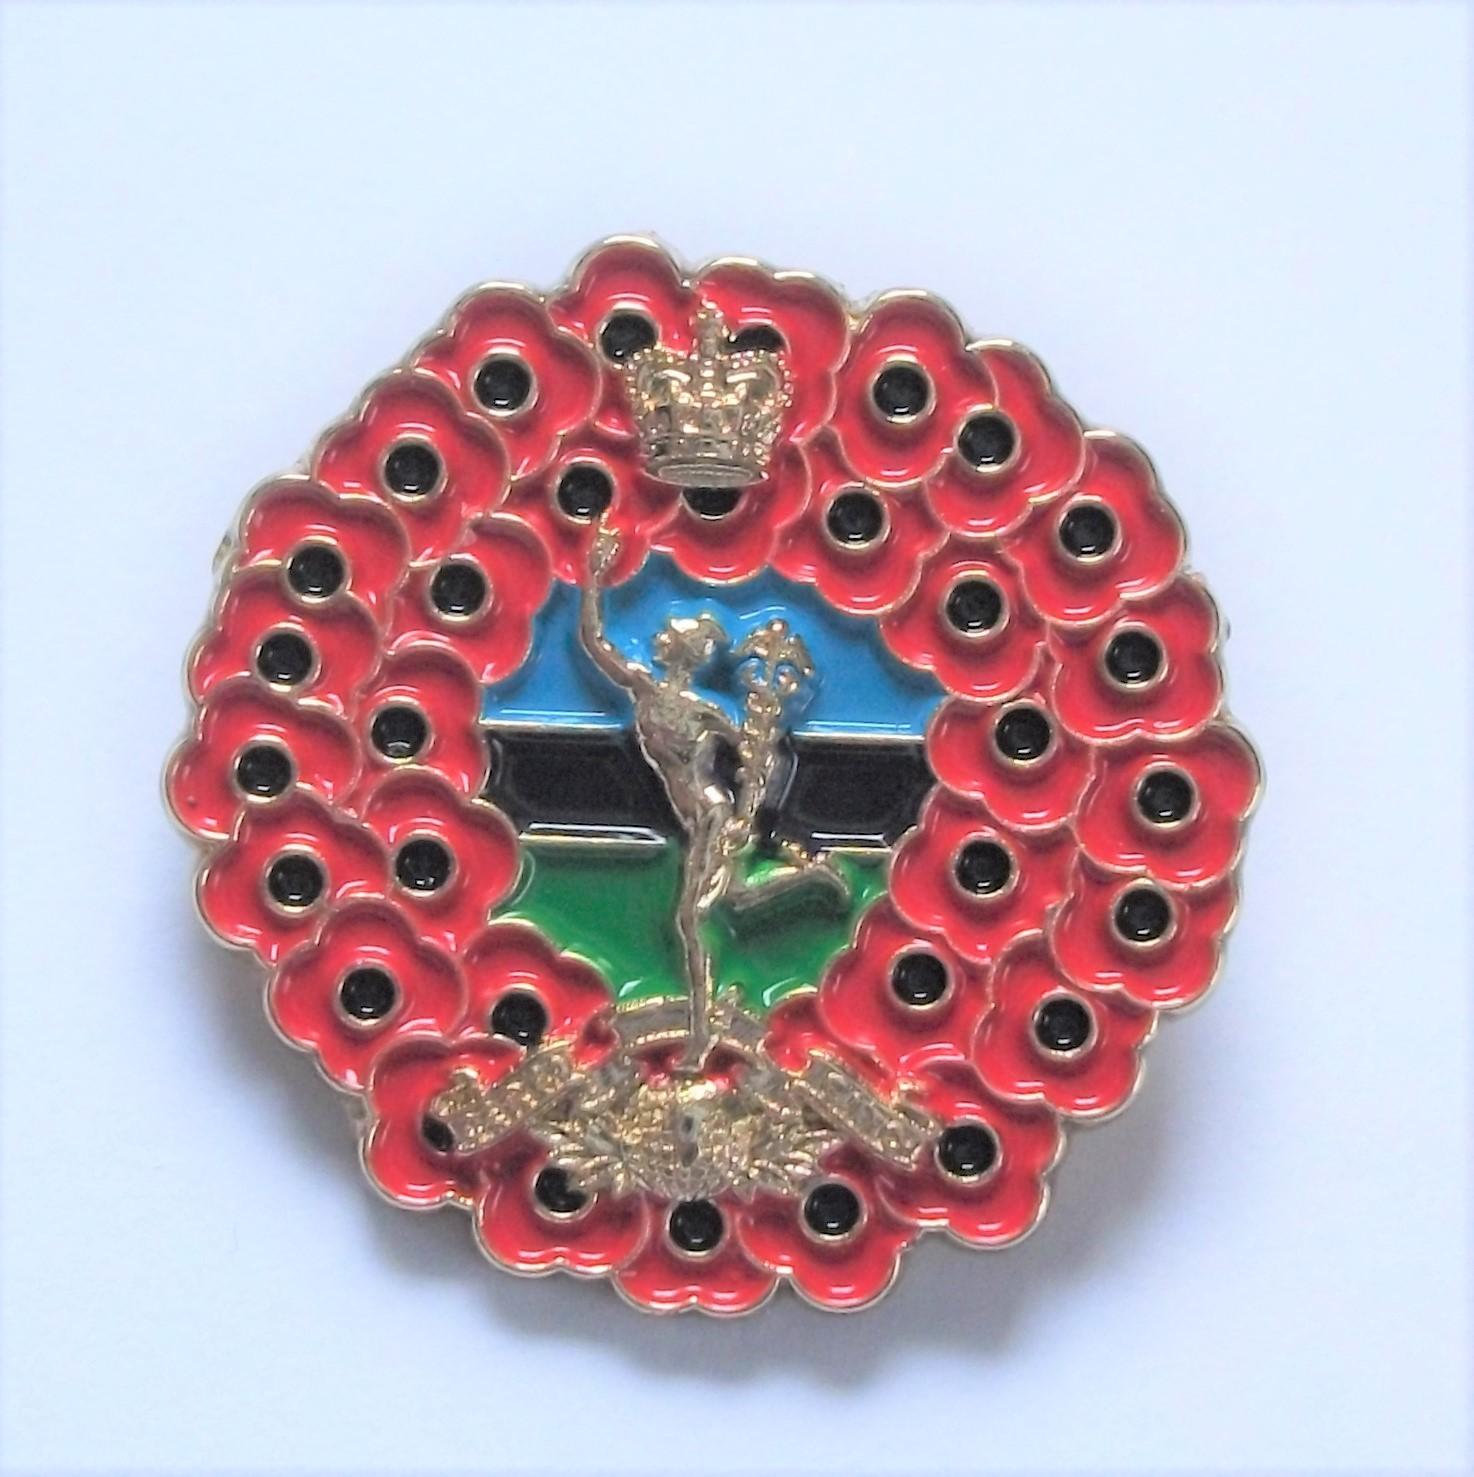 Royal Signals Badge 25mm 1 inch